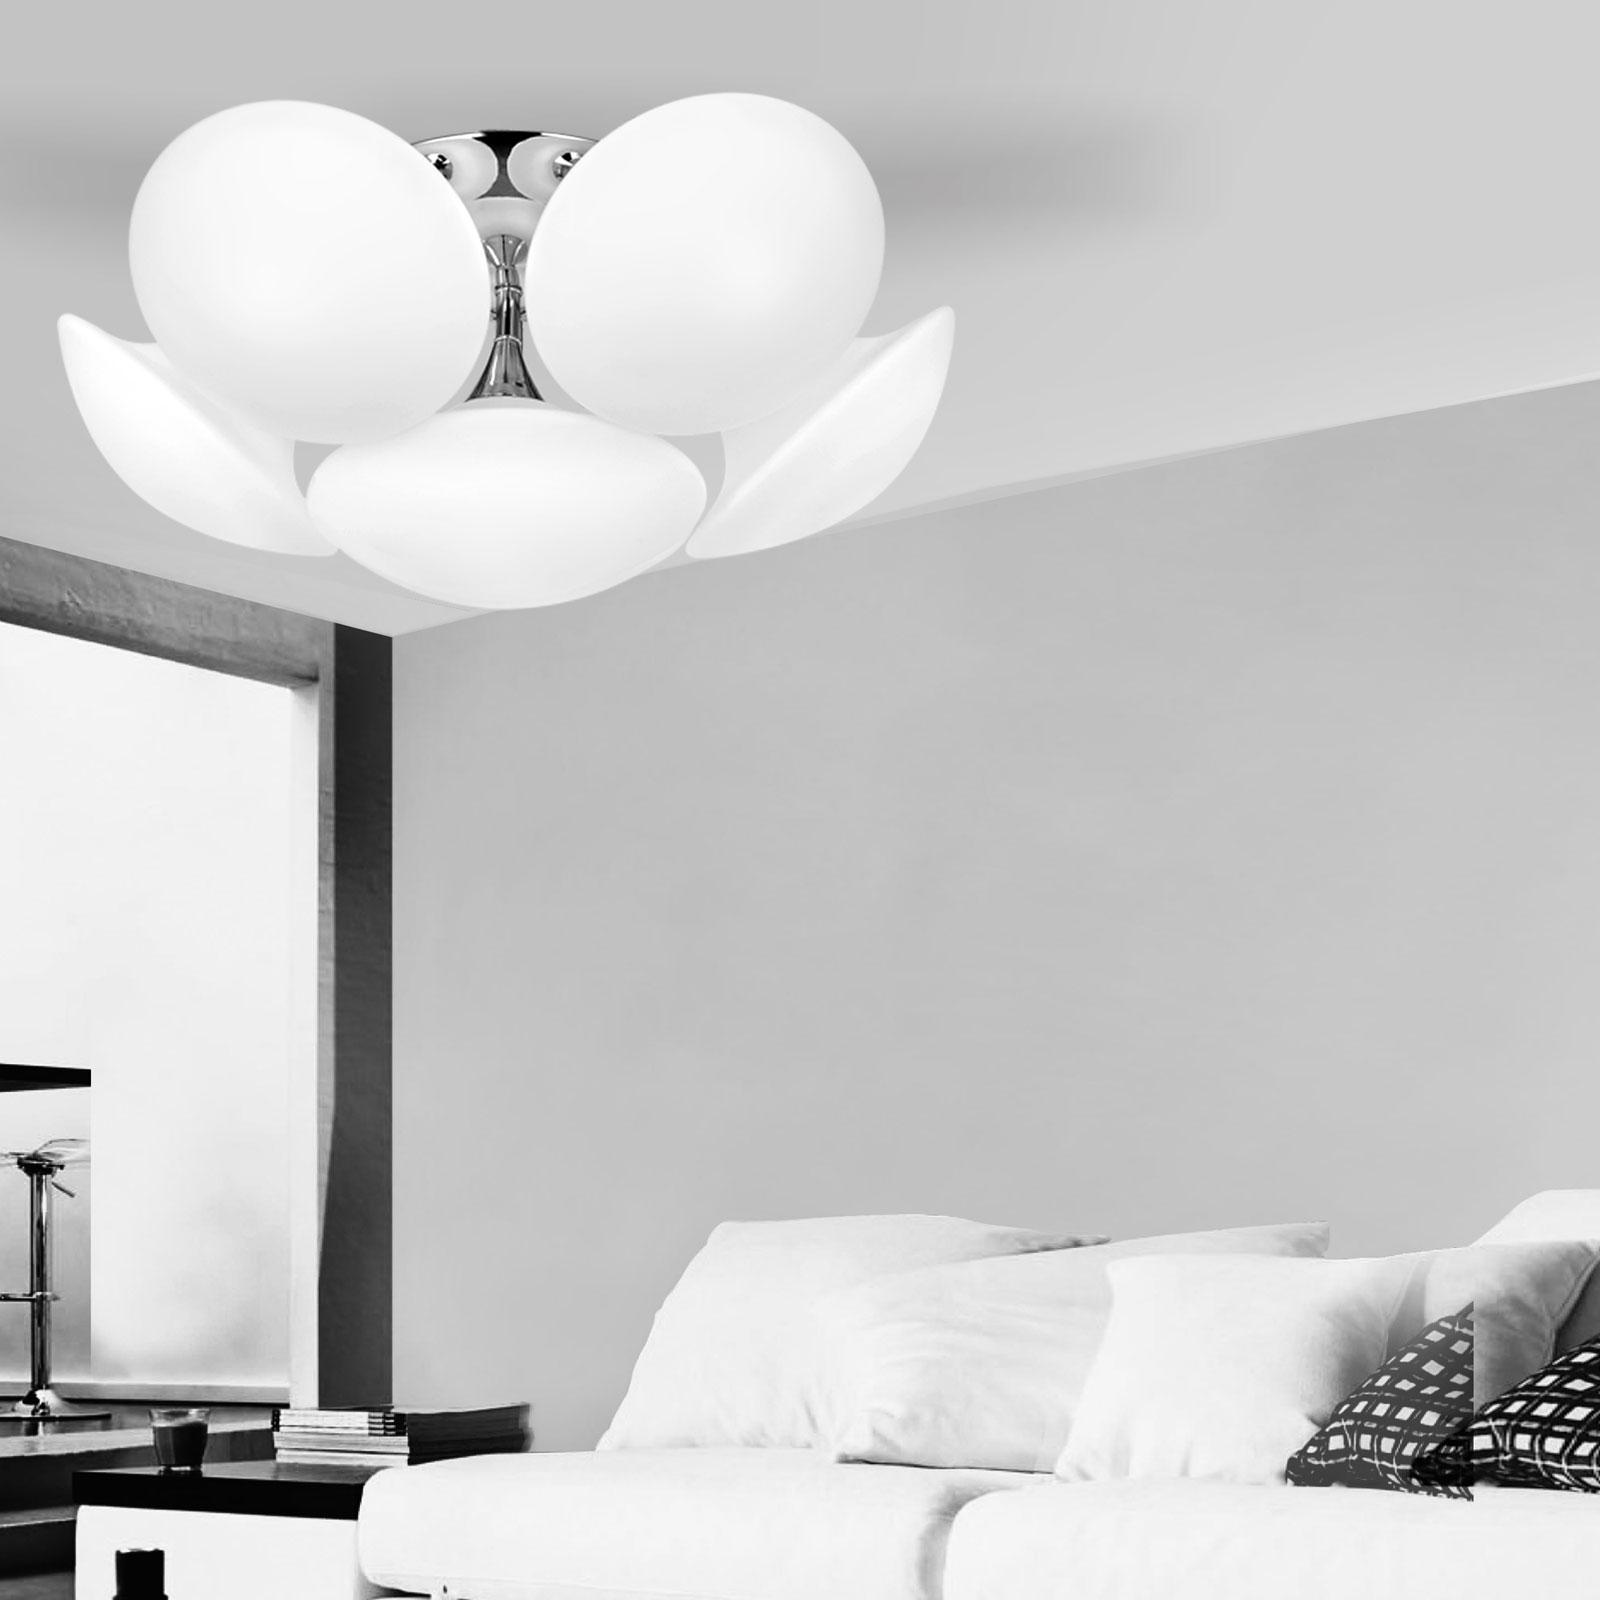 Full Size of Deckenleuchte Wohnzimmer Modern Led Deckenleuchten Dimmbar Liege Schlafzimmer Schrankwand Relaxliege Bilder Xxl Decke Landhausstil Deckenlampen Gardine Kamin Wohnzimmer Wohnzimmer Deckenleuchte